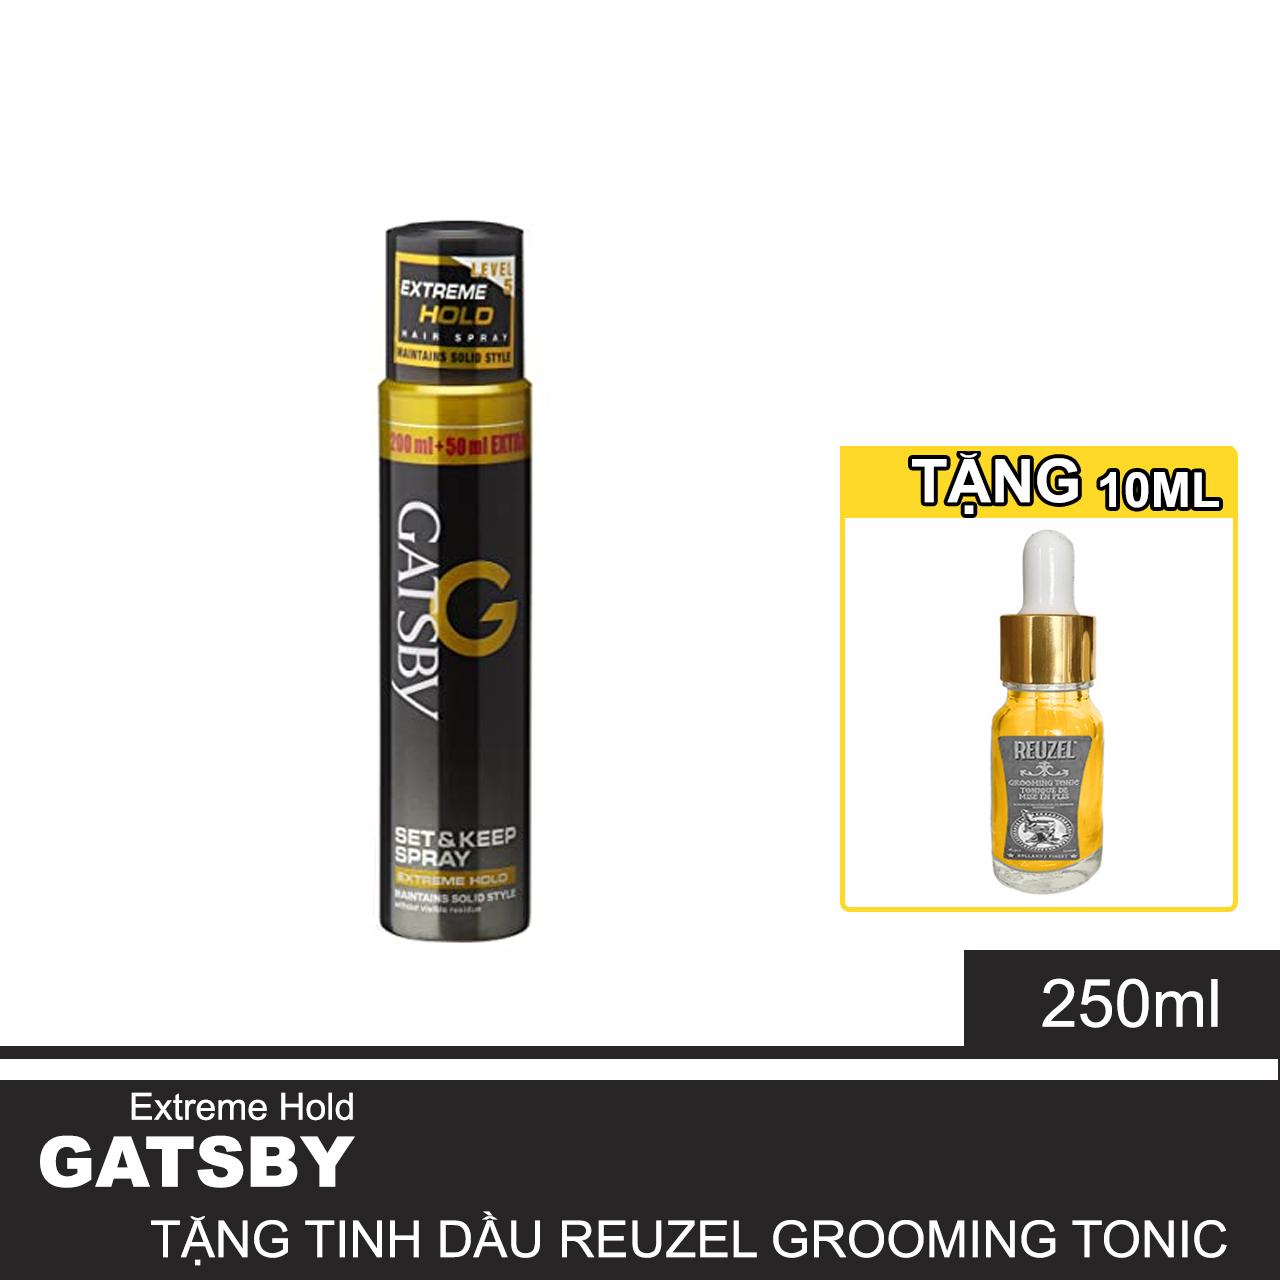 Gôm Xịt Giữ Nếp Gatsby Tạo Kiểu Tóc Mái Nam Mềm Hair Spray Super Hard 250ML + Tặng Reuzel Grooming Tonic  - Chính hãng - SET & KEEP SPRAY